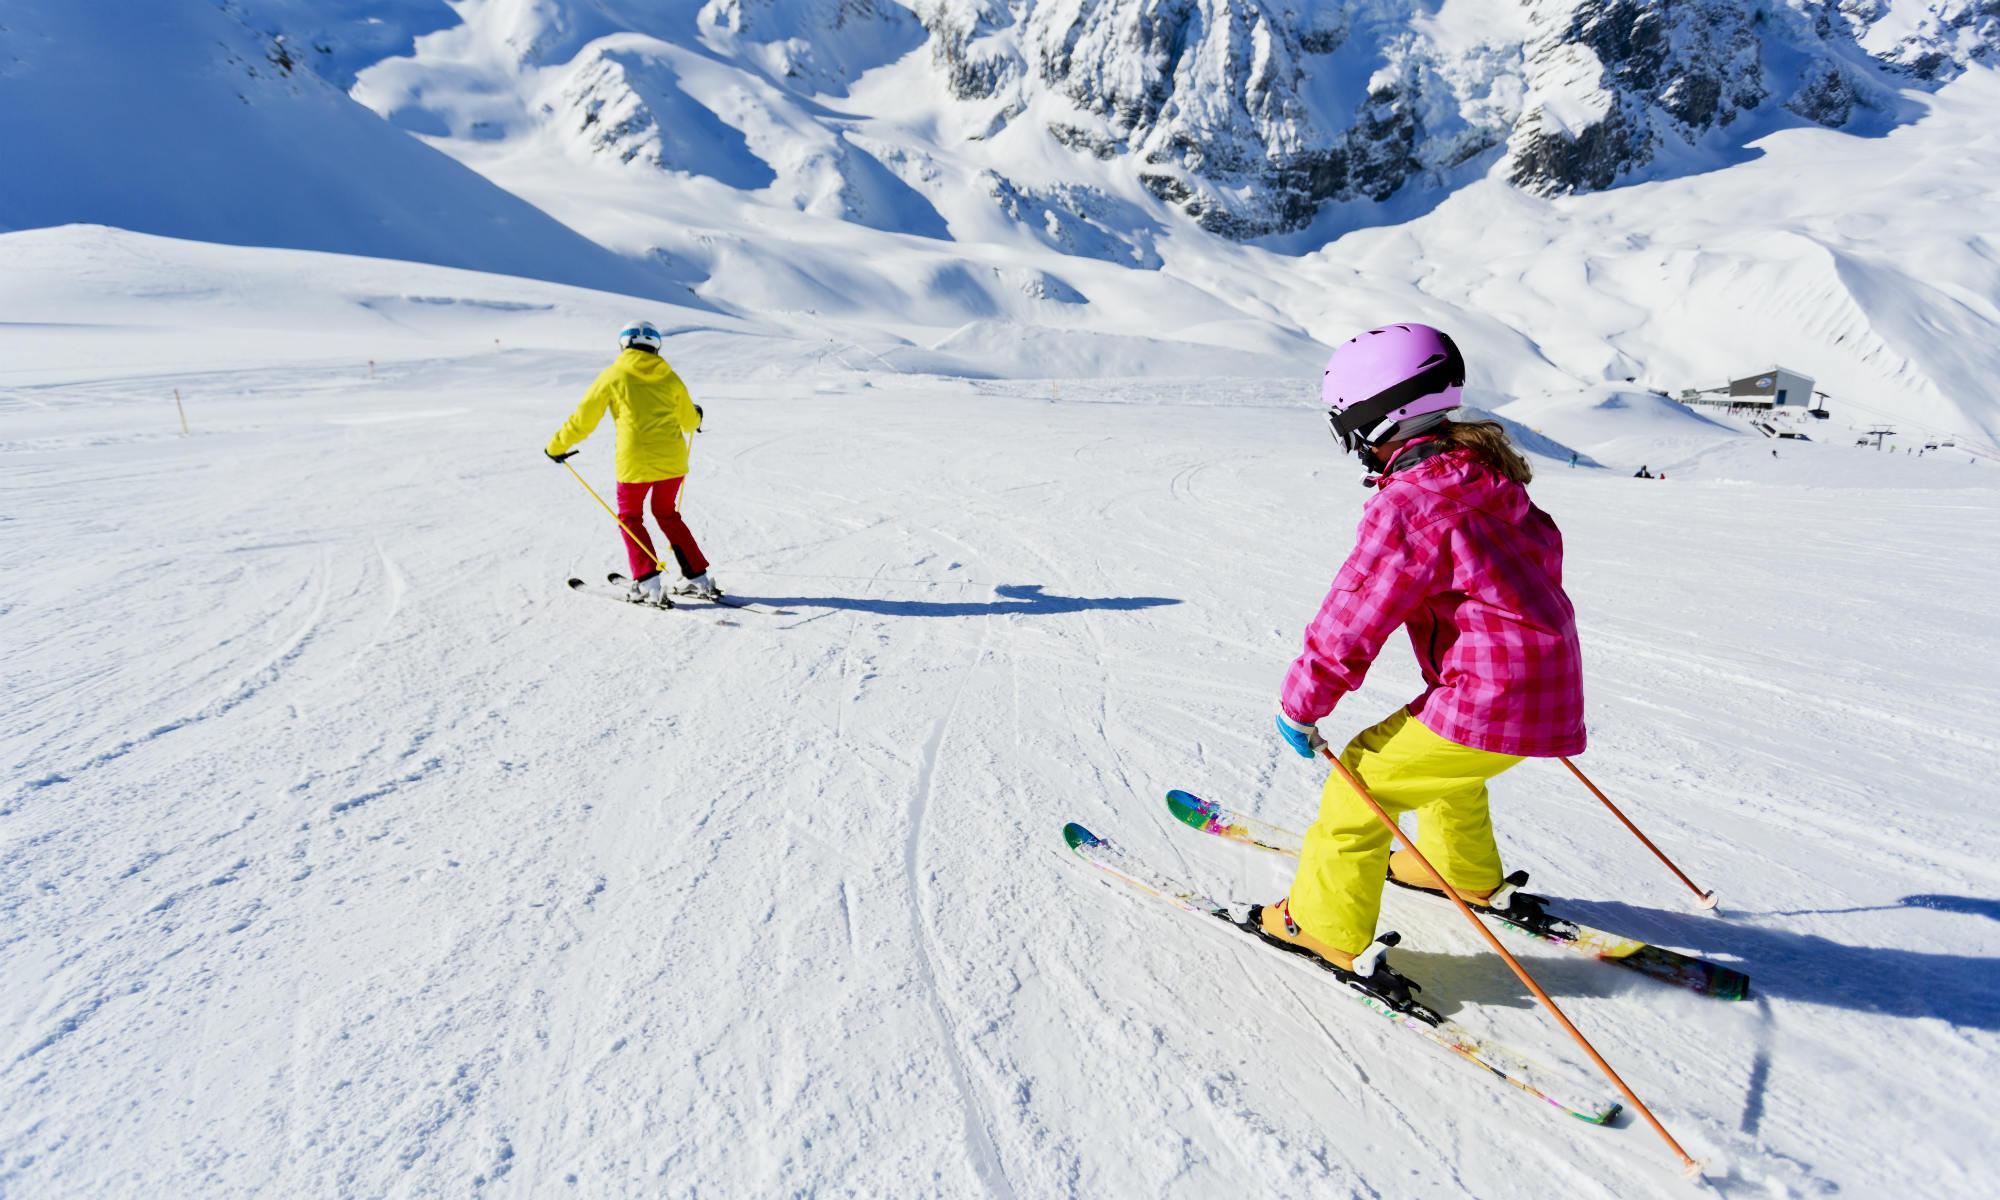 Une jeune skieuse suit son moniteur sur une piste de ski.